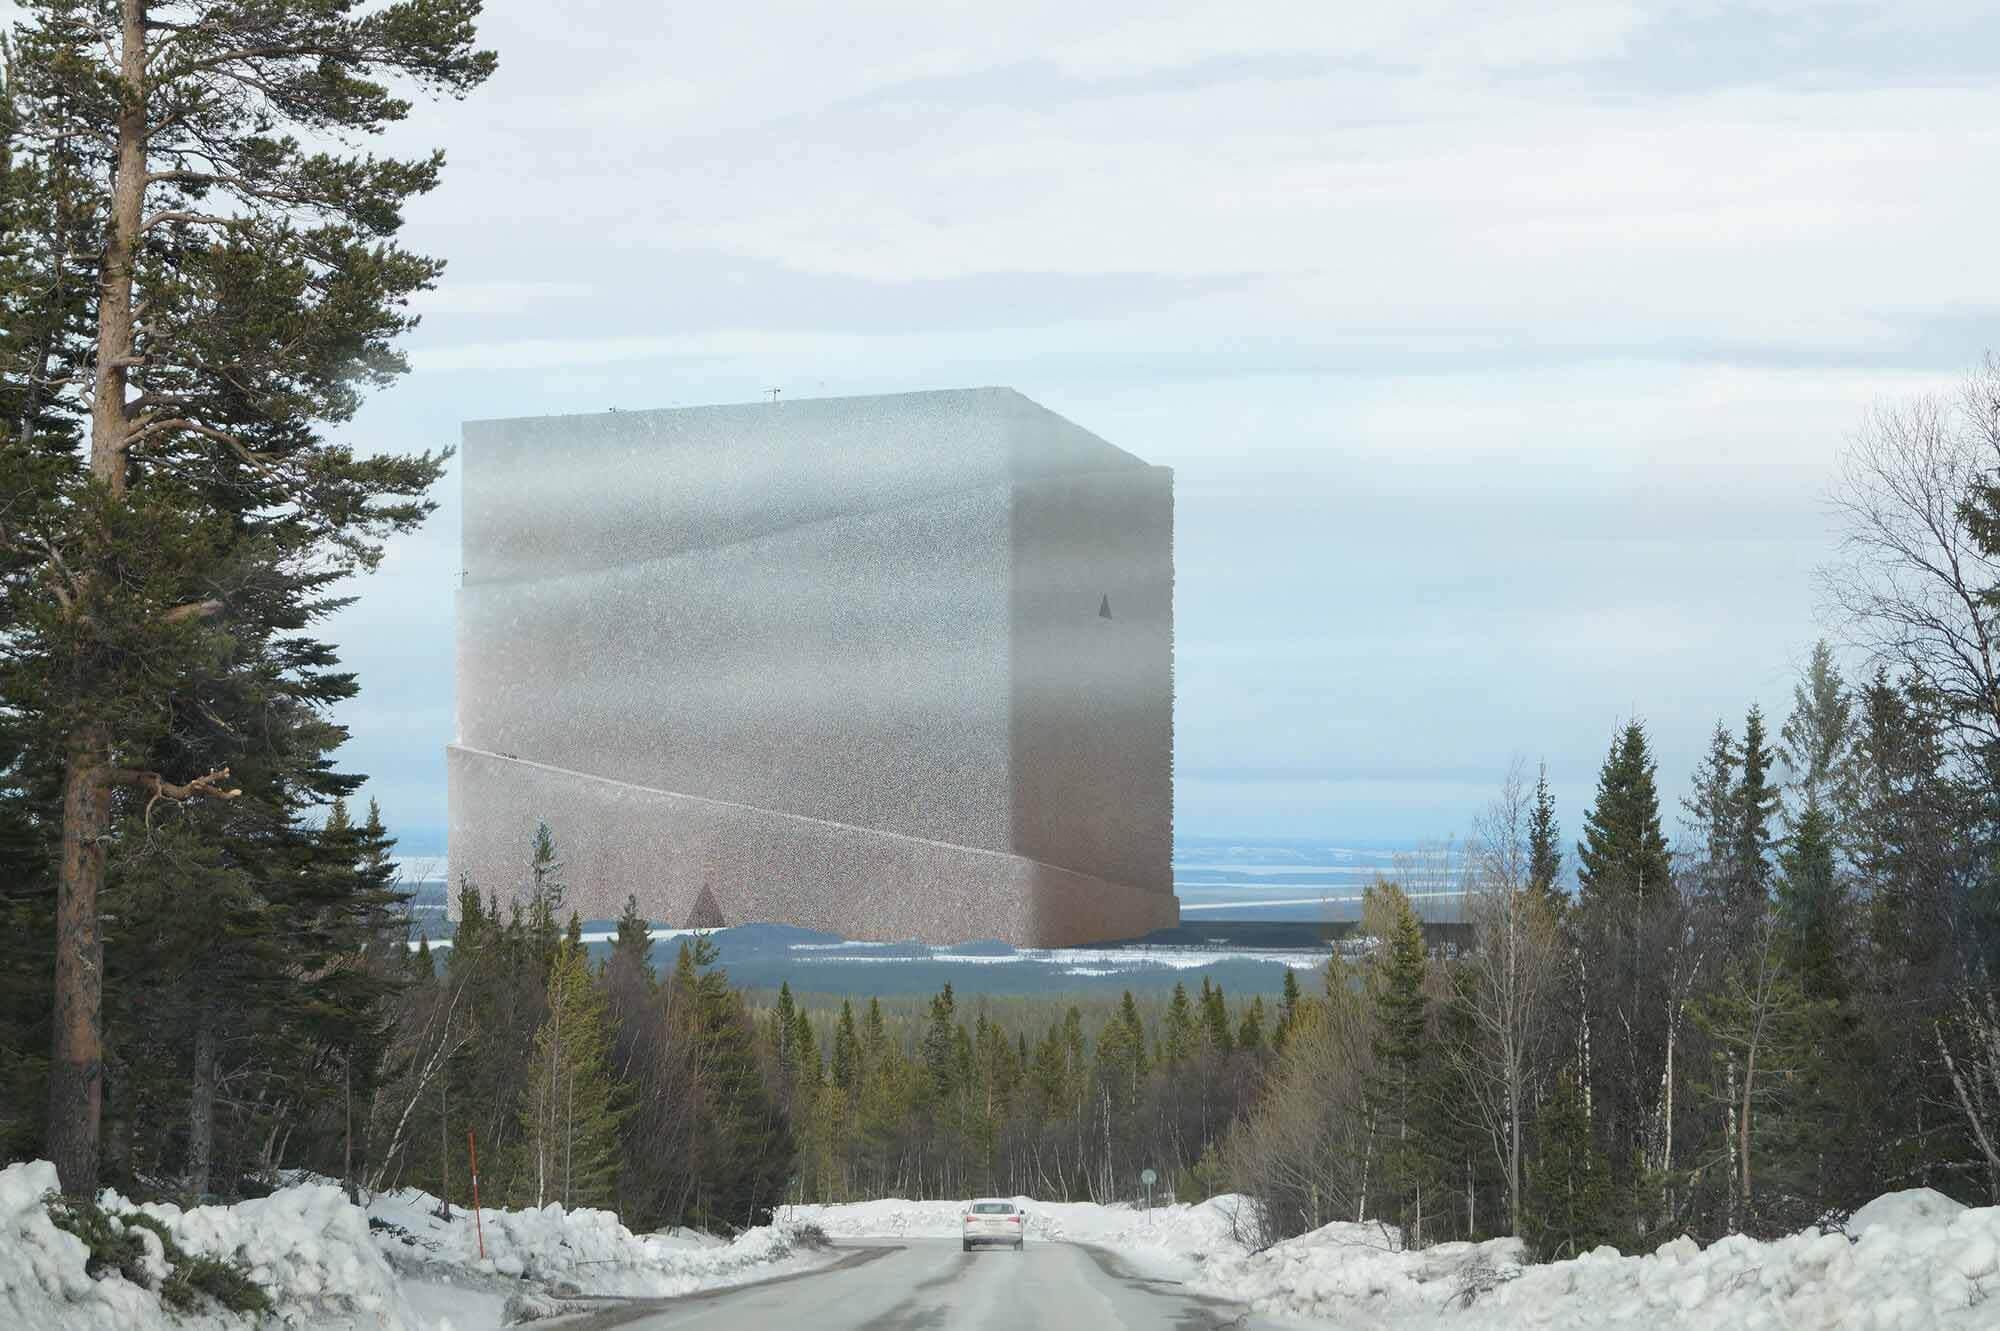 Андерс Беренссон, архитектор Андерс Беренссон, представил самую большую деревянную конструкцию в мире